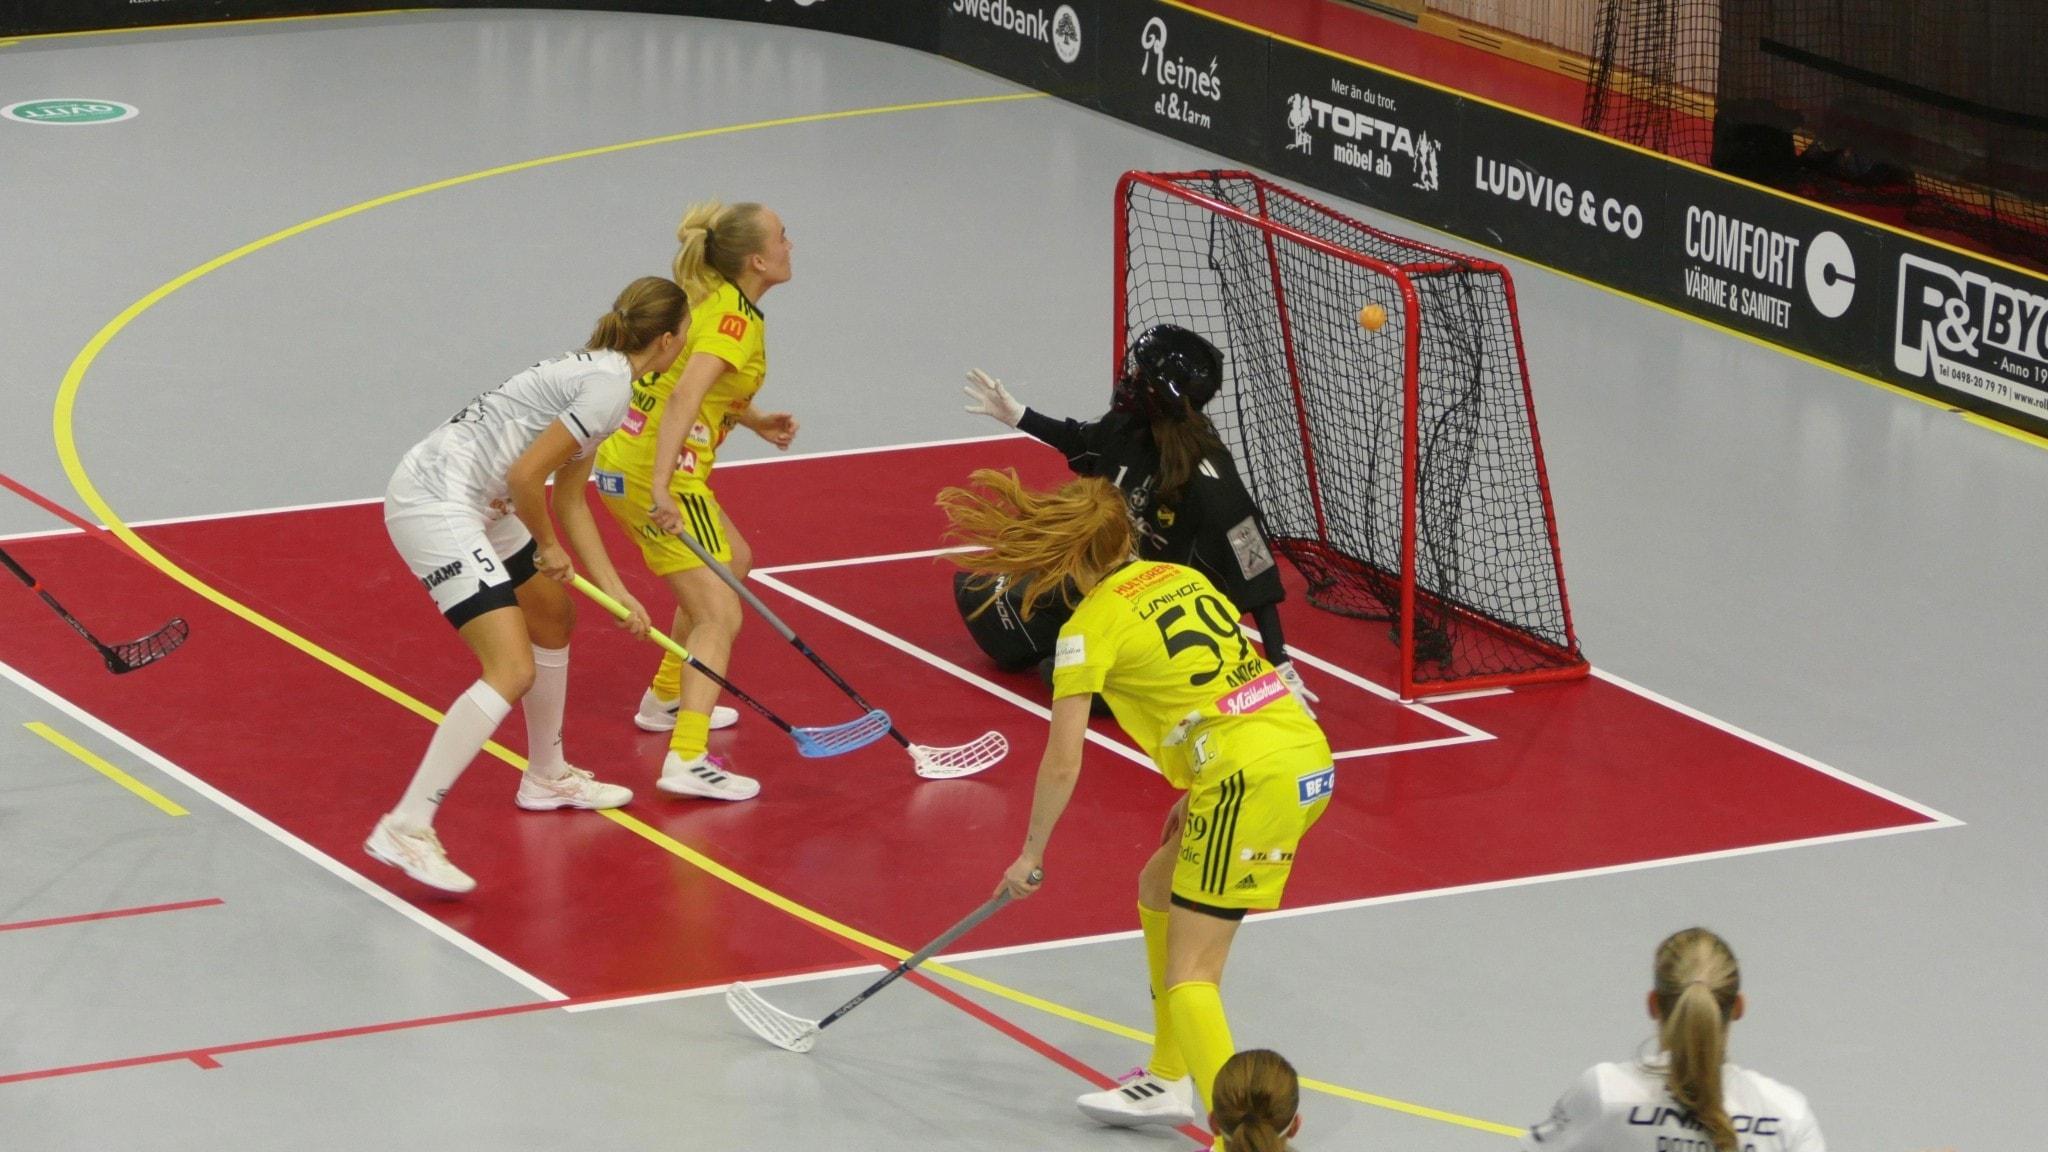 Brakförlust för Endre i första semifinalen i Svenska Cupen